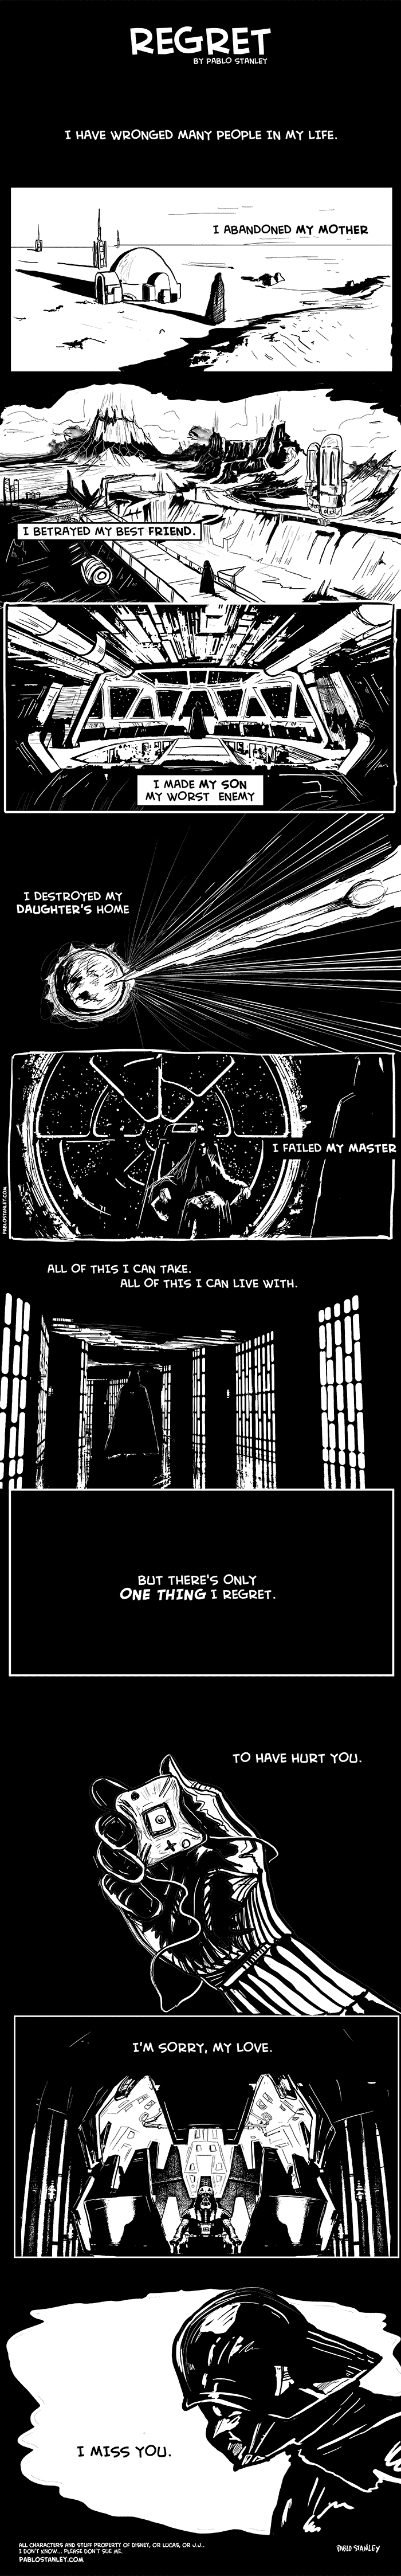 Regret - Darth Vader